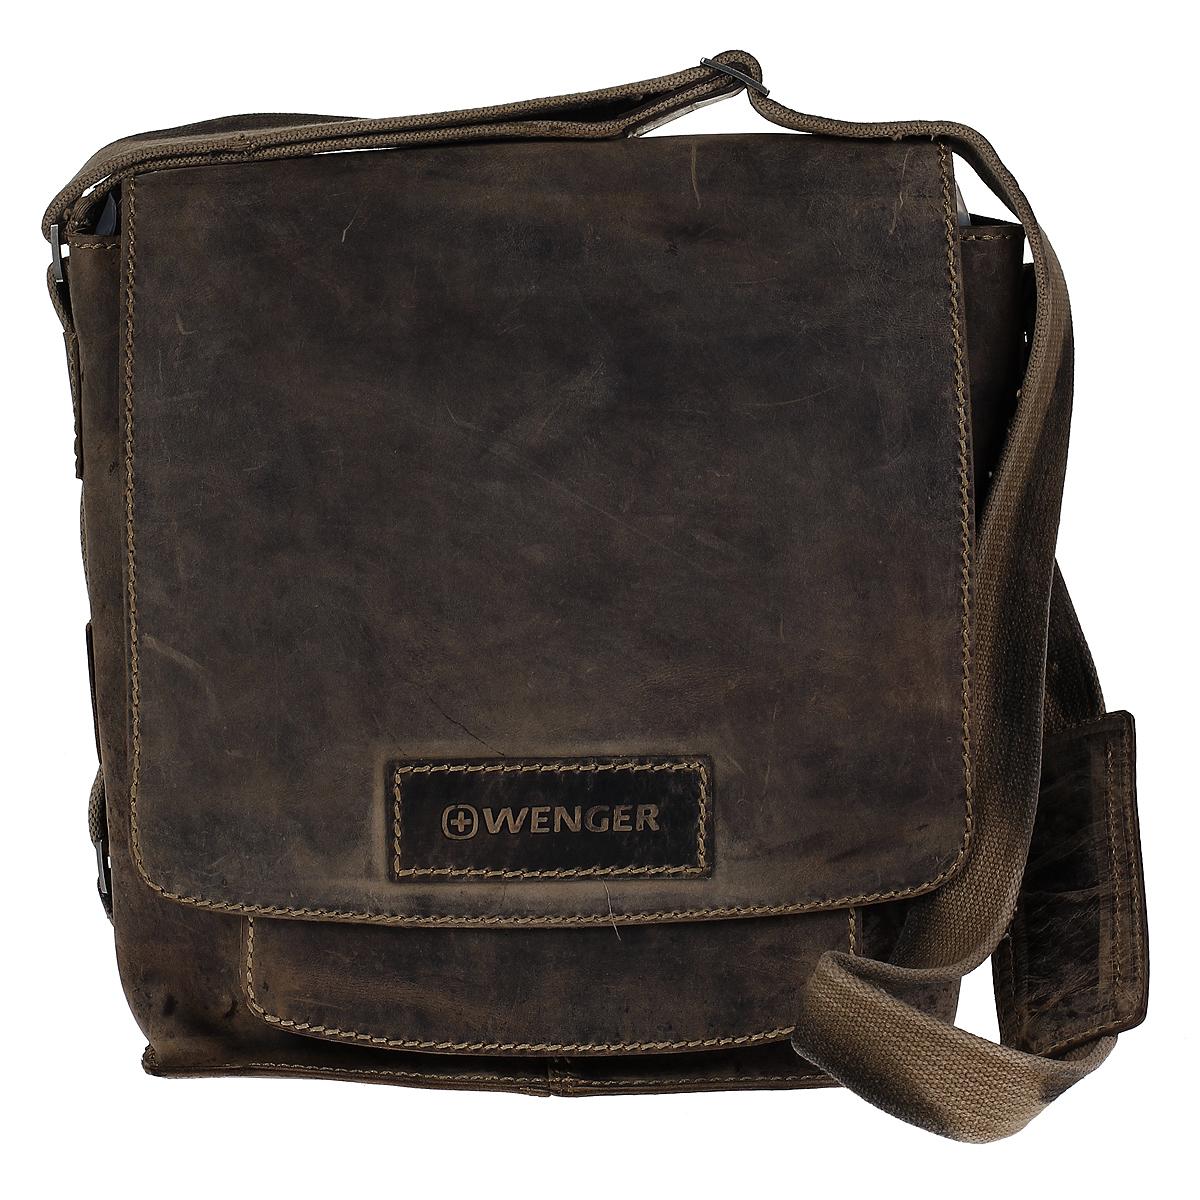 Сумка мужская Wenger Stonehide, цвет: светло-коричневый. W16-03W16-03Мужская сумка в стиле casual Wenger Stonehide изготовлена из высококачественной натуральной кожи светло-коричневого цвета. Кожа серии Stonehide - это крепкая, эластичная бычья кожа, обработанная по традиционной технологии - грубые швы, состаренные ремни. Потертый внешний вид делает изделие уникальным и создает специфический эффект старины. Сумка по всей поверхности оформлена стежками бежевого цвета. Сумка имеет одно основное отделение, которое закрывается клапаном на две магнитные кнопки. Внутри содержится два накладных кармашка, два держателя для ручек, вшитый карман на молнии и 6 кармашков для пластиковых карт или визиток. Имеет мягкую внутреннюю обивку из полиэстера коричневого цвета, позволяющую при переноске сохранять планшеты и телефоны без повреждений. Под клапаном содержится открытое отделение для планшета и вшитый карман на молнии. С задней стороны сумки расположено дополнительное отделение на молнии. Изделие оснащено плечевым ремнем регулируемой длины из плотного...